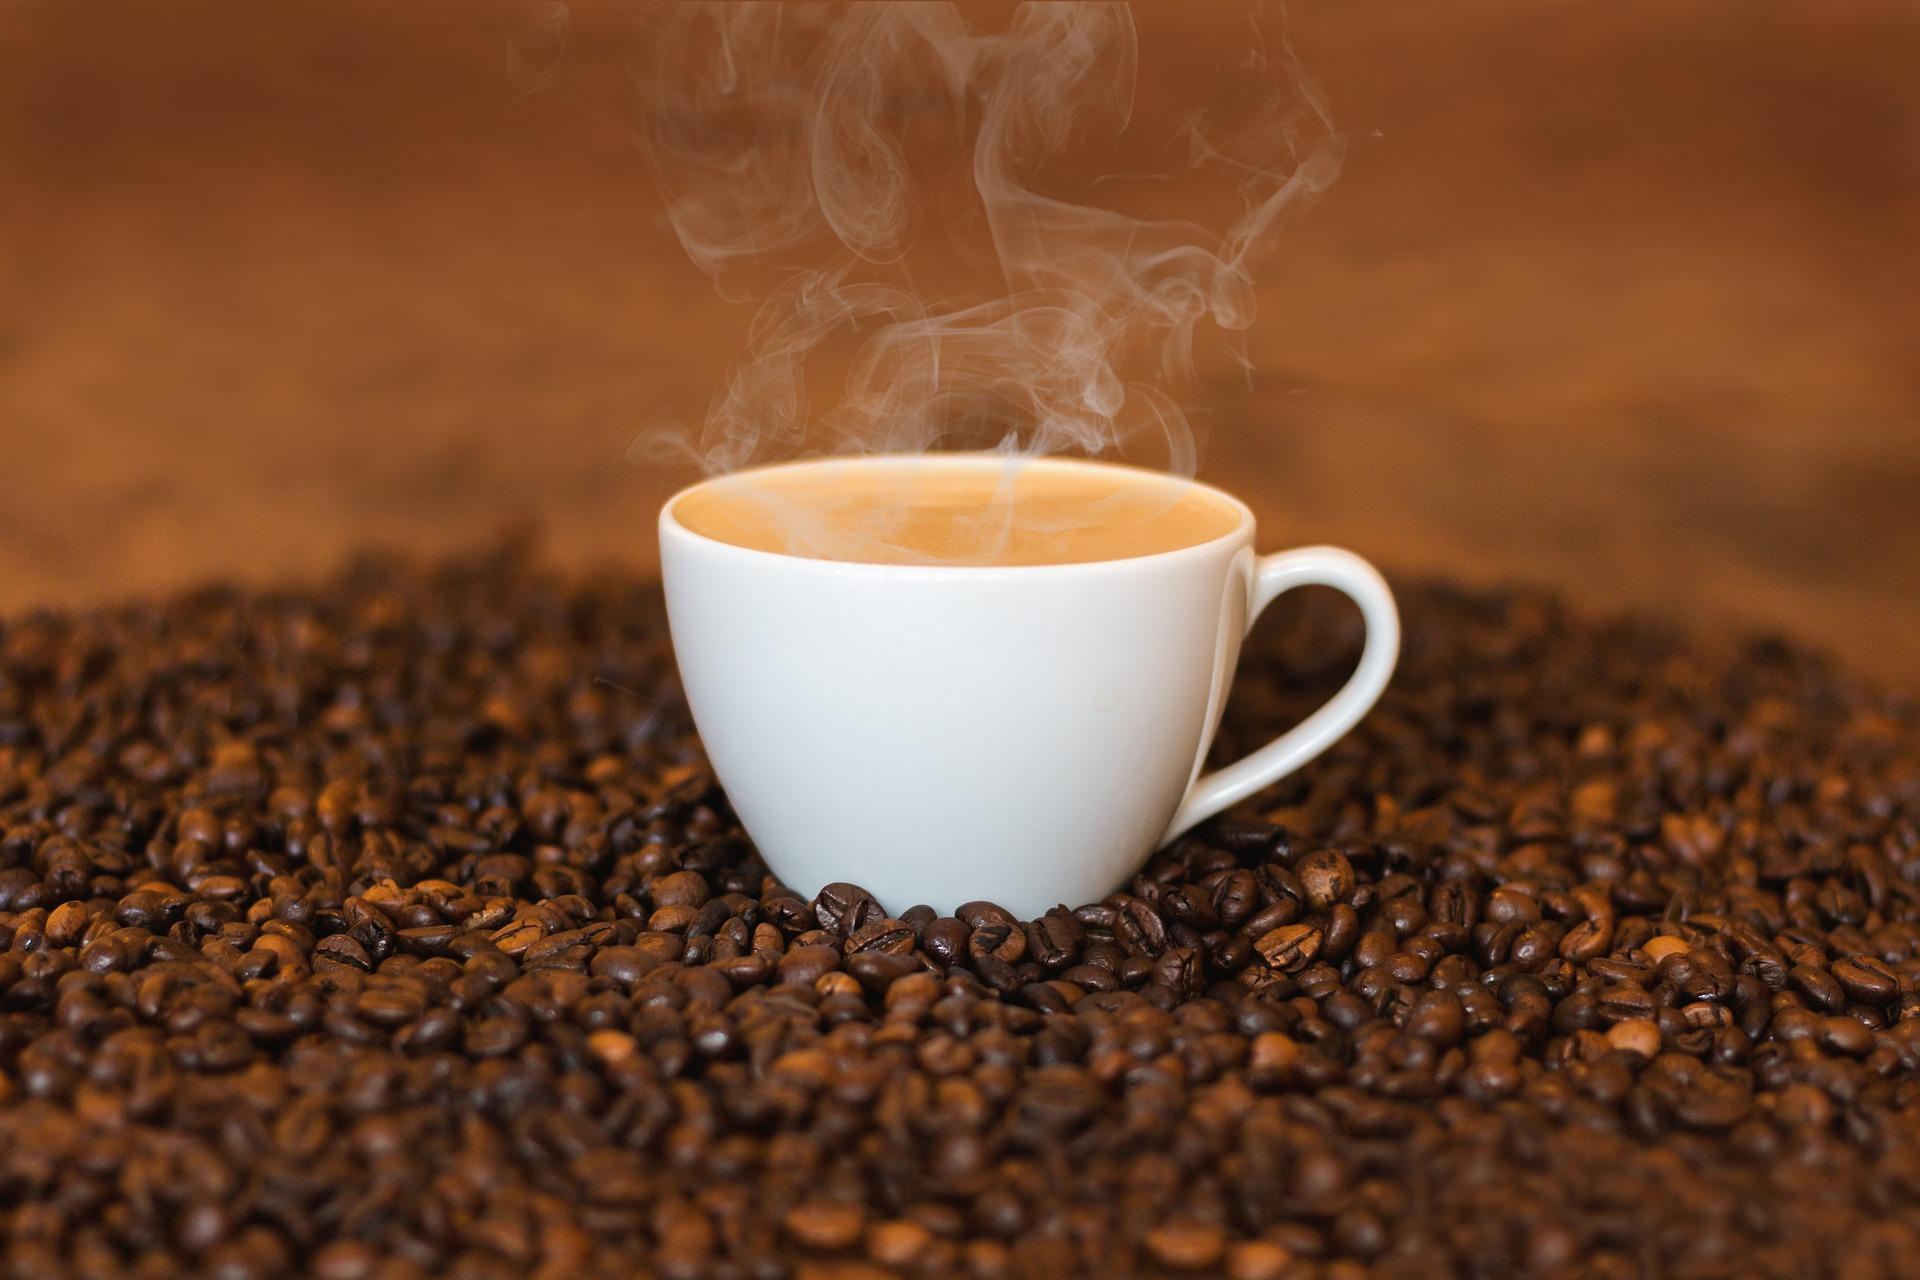 coffee-2358388_1920